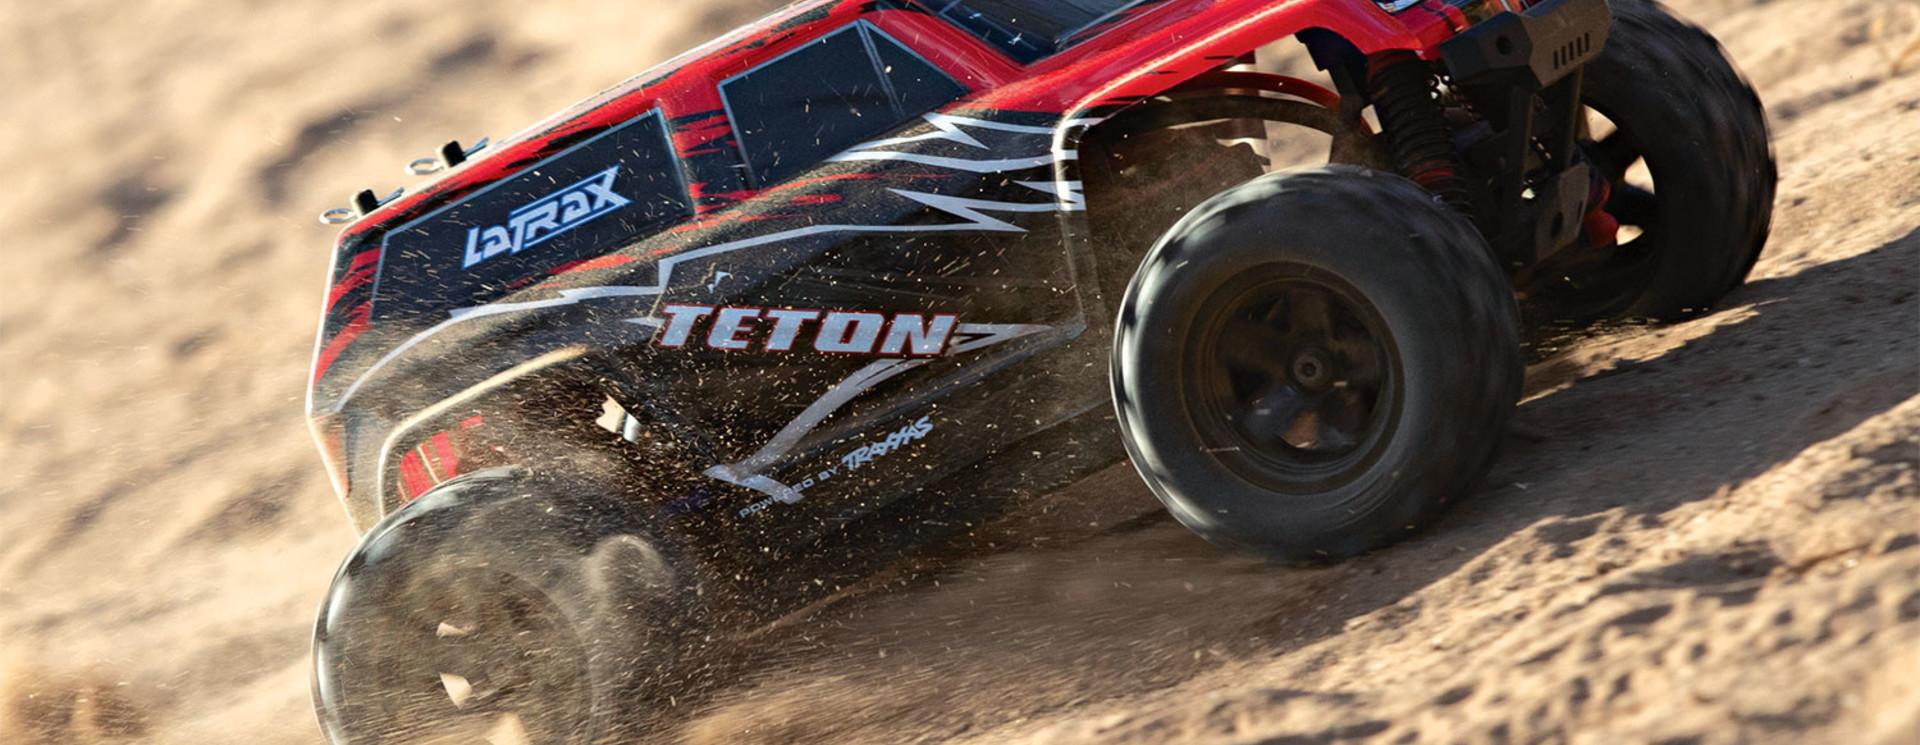 Tekening LaTrax Teton